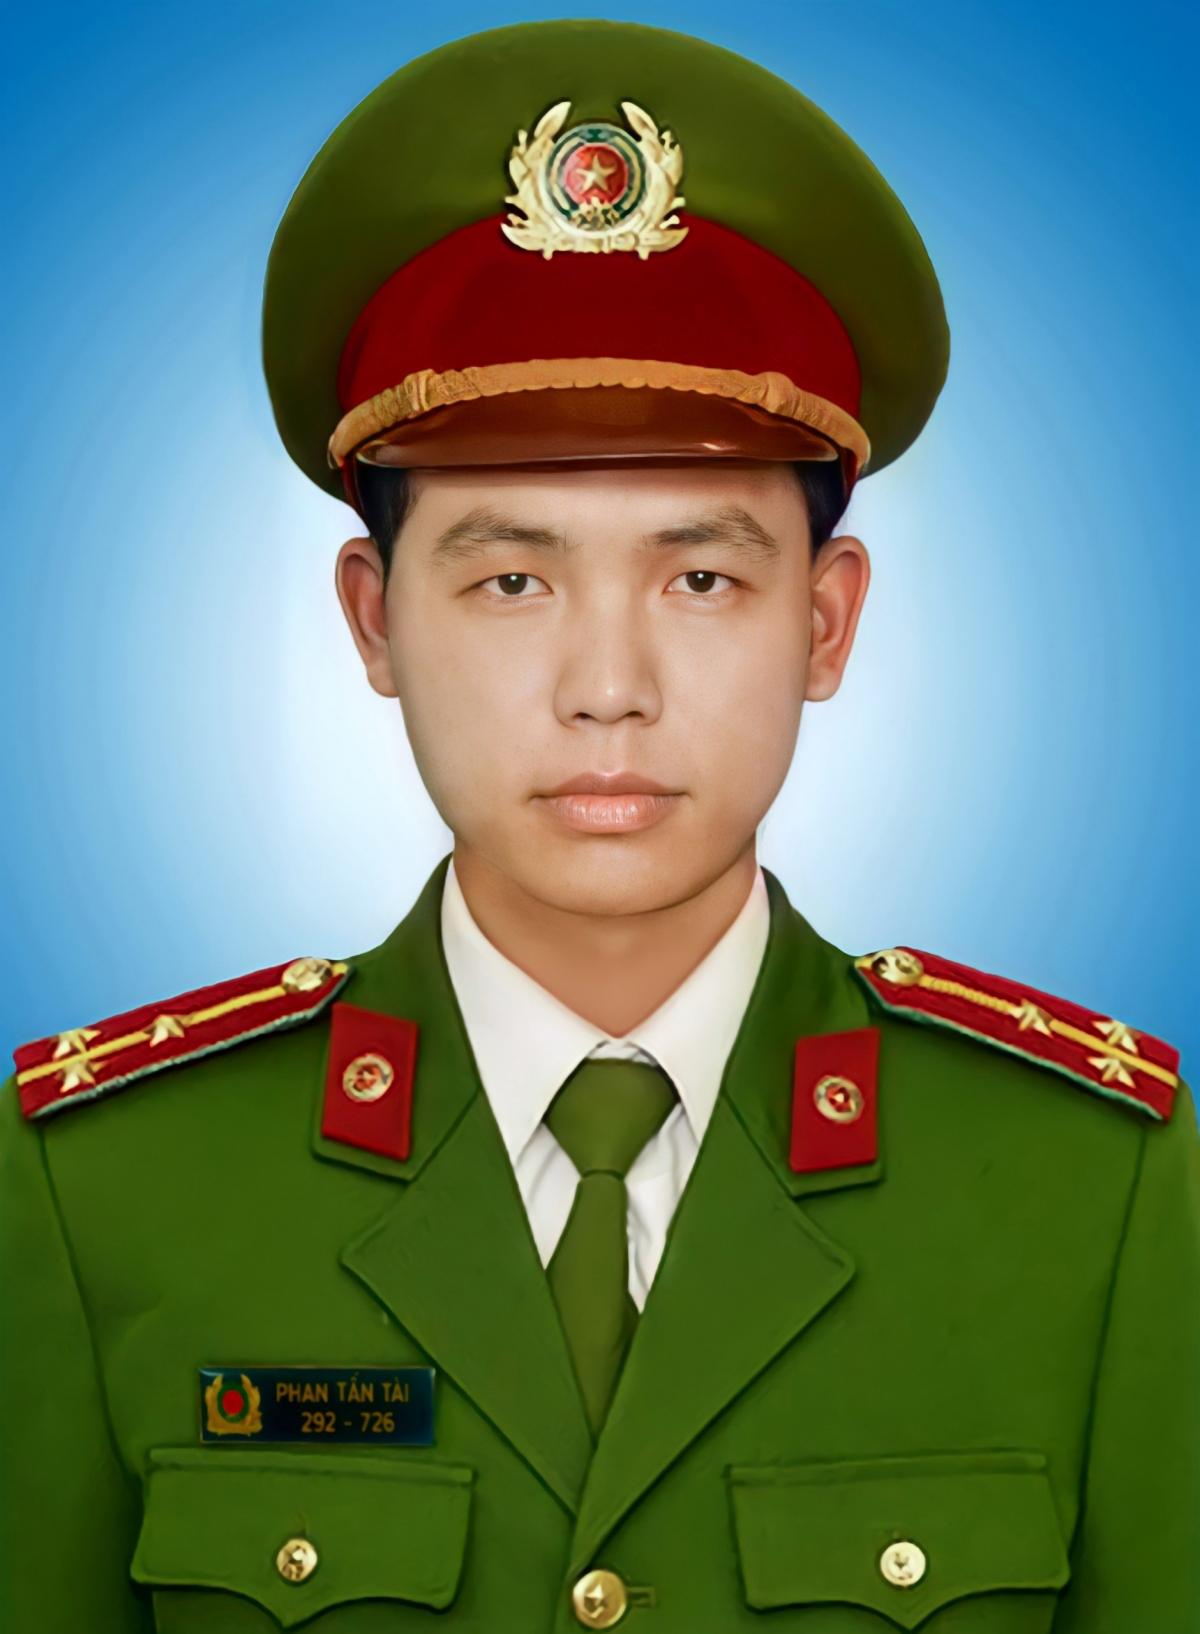 Chiến sỹ công an Phan Tấn Tài